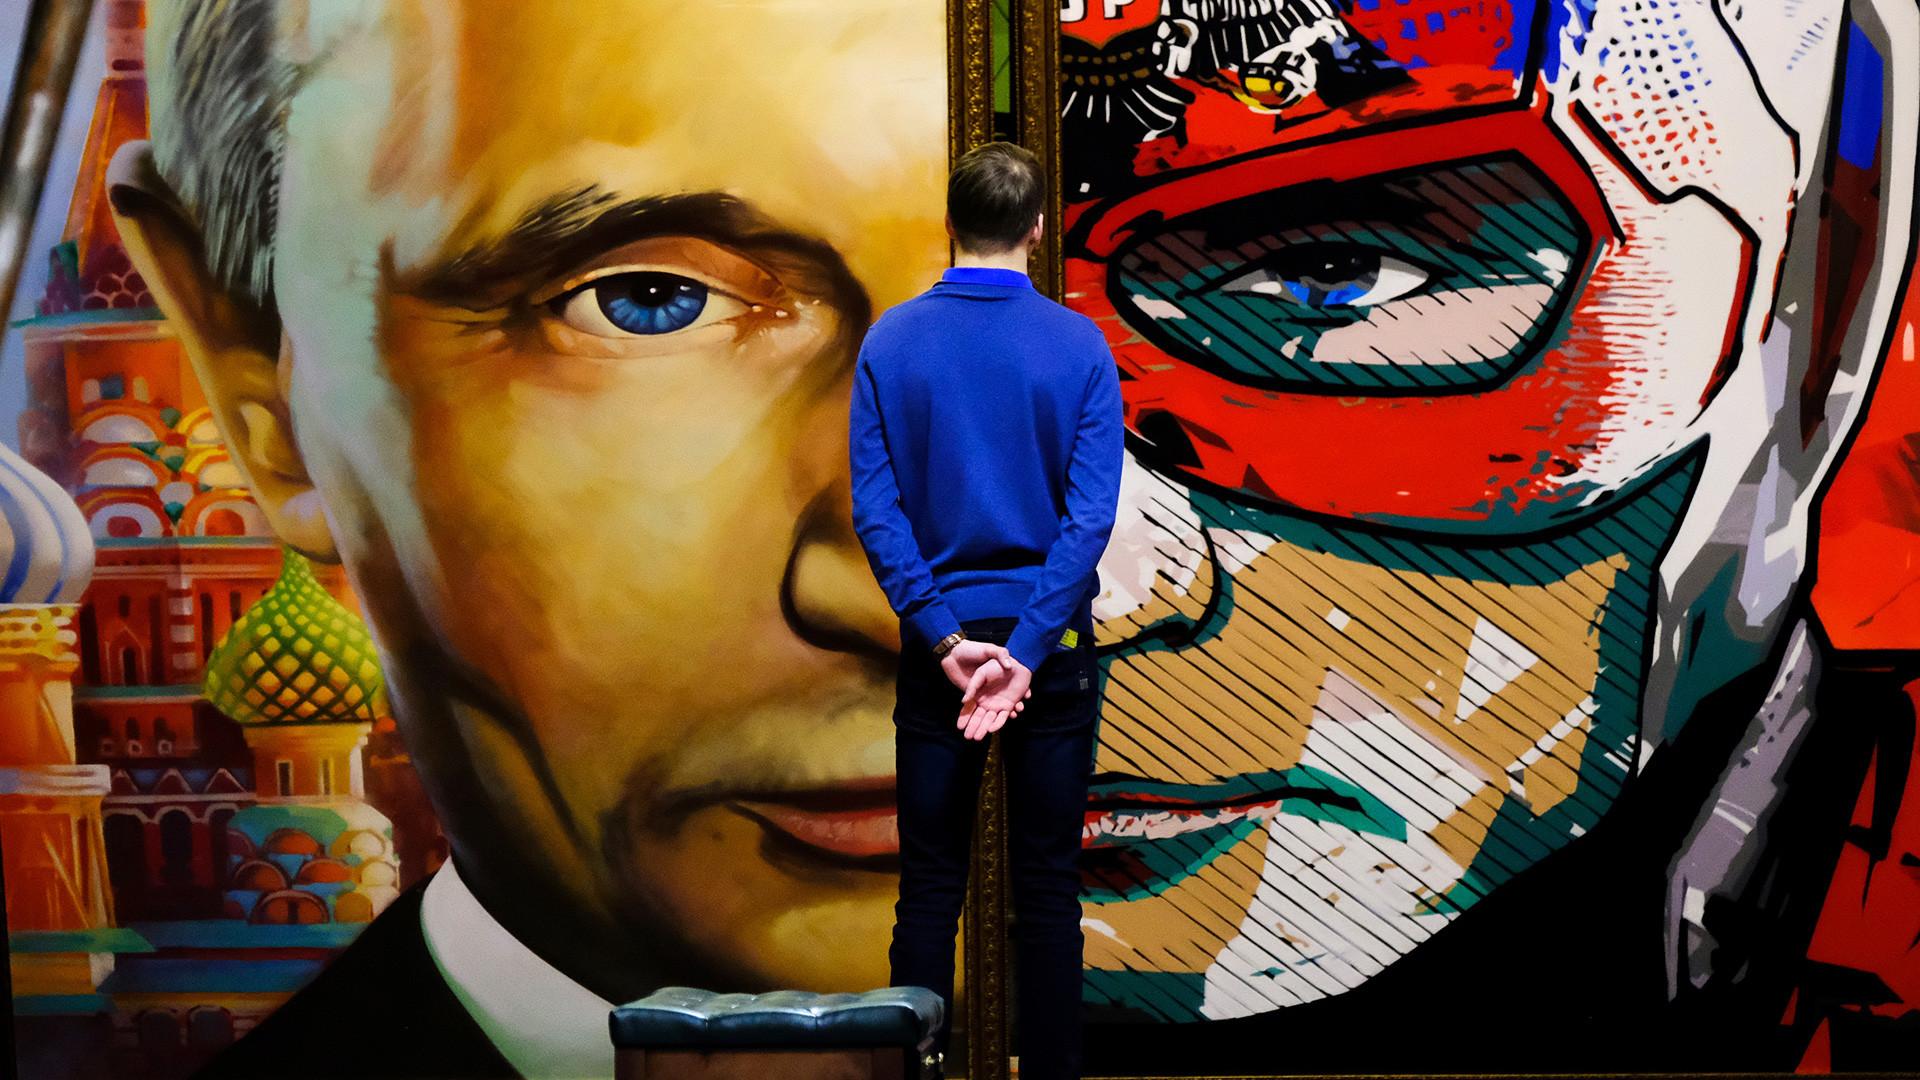 Slika na razstavi SUPERPUTIN, Moskva, december 2017